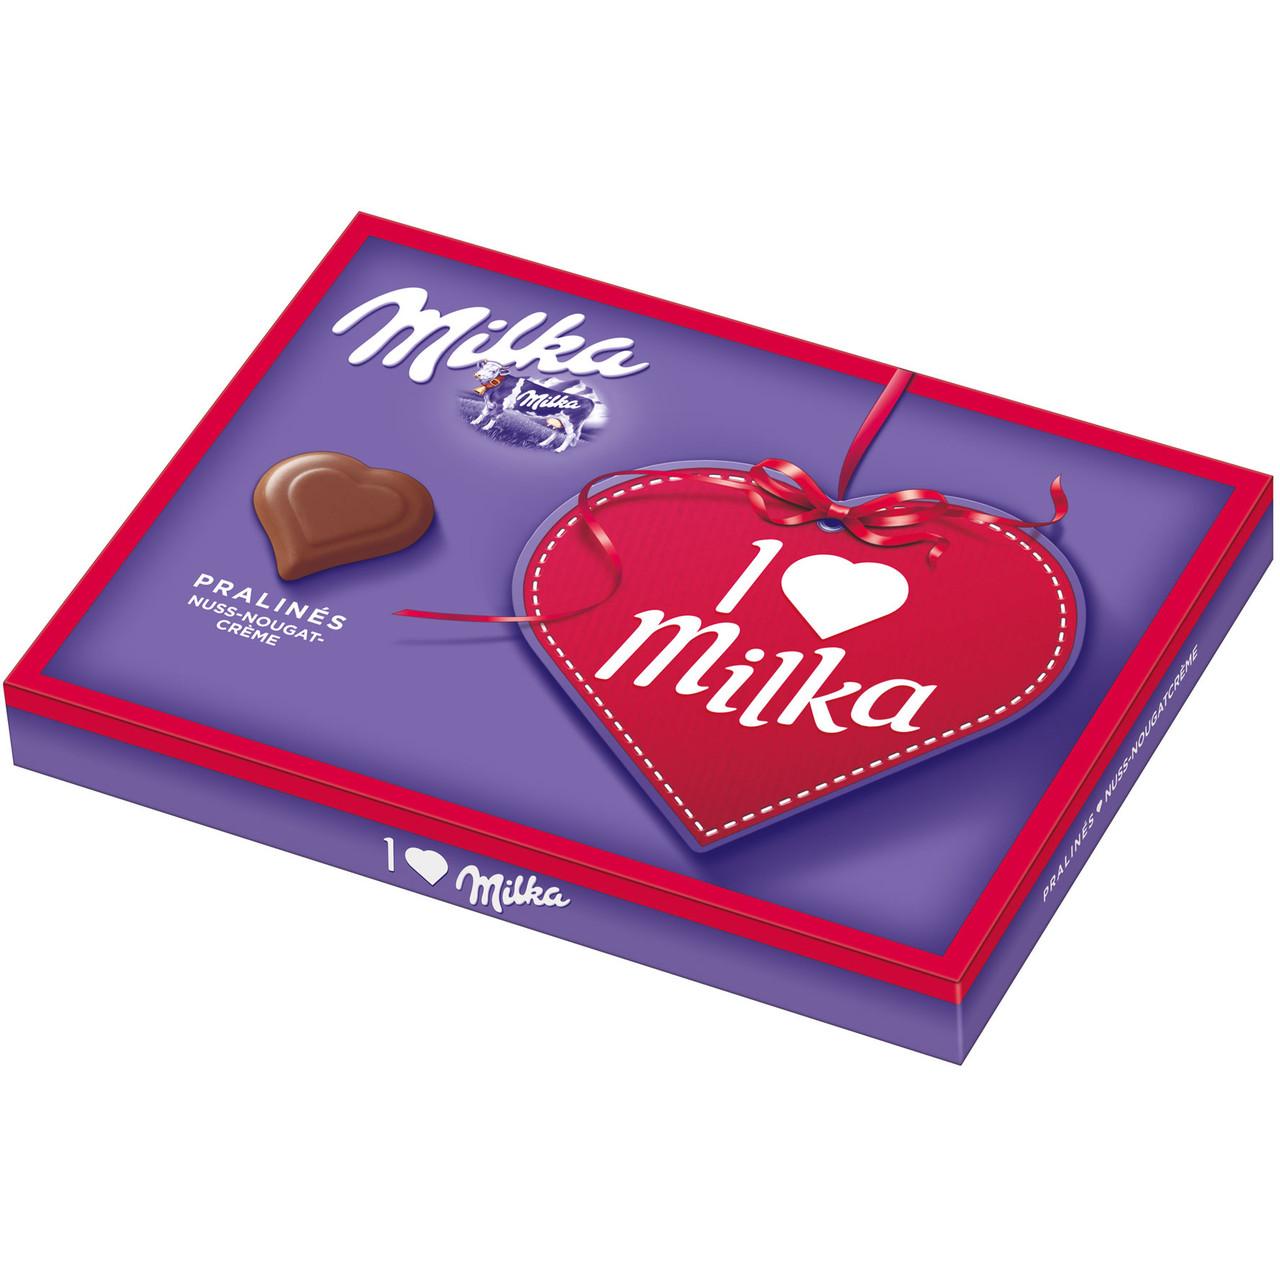 Шоколадные конфеты в коробке Milka I Love с ореховым пралине, 110 гр - Продукты из Италии - интернет магазин «Market IT» в Львове